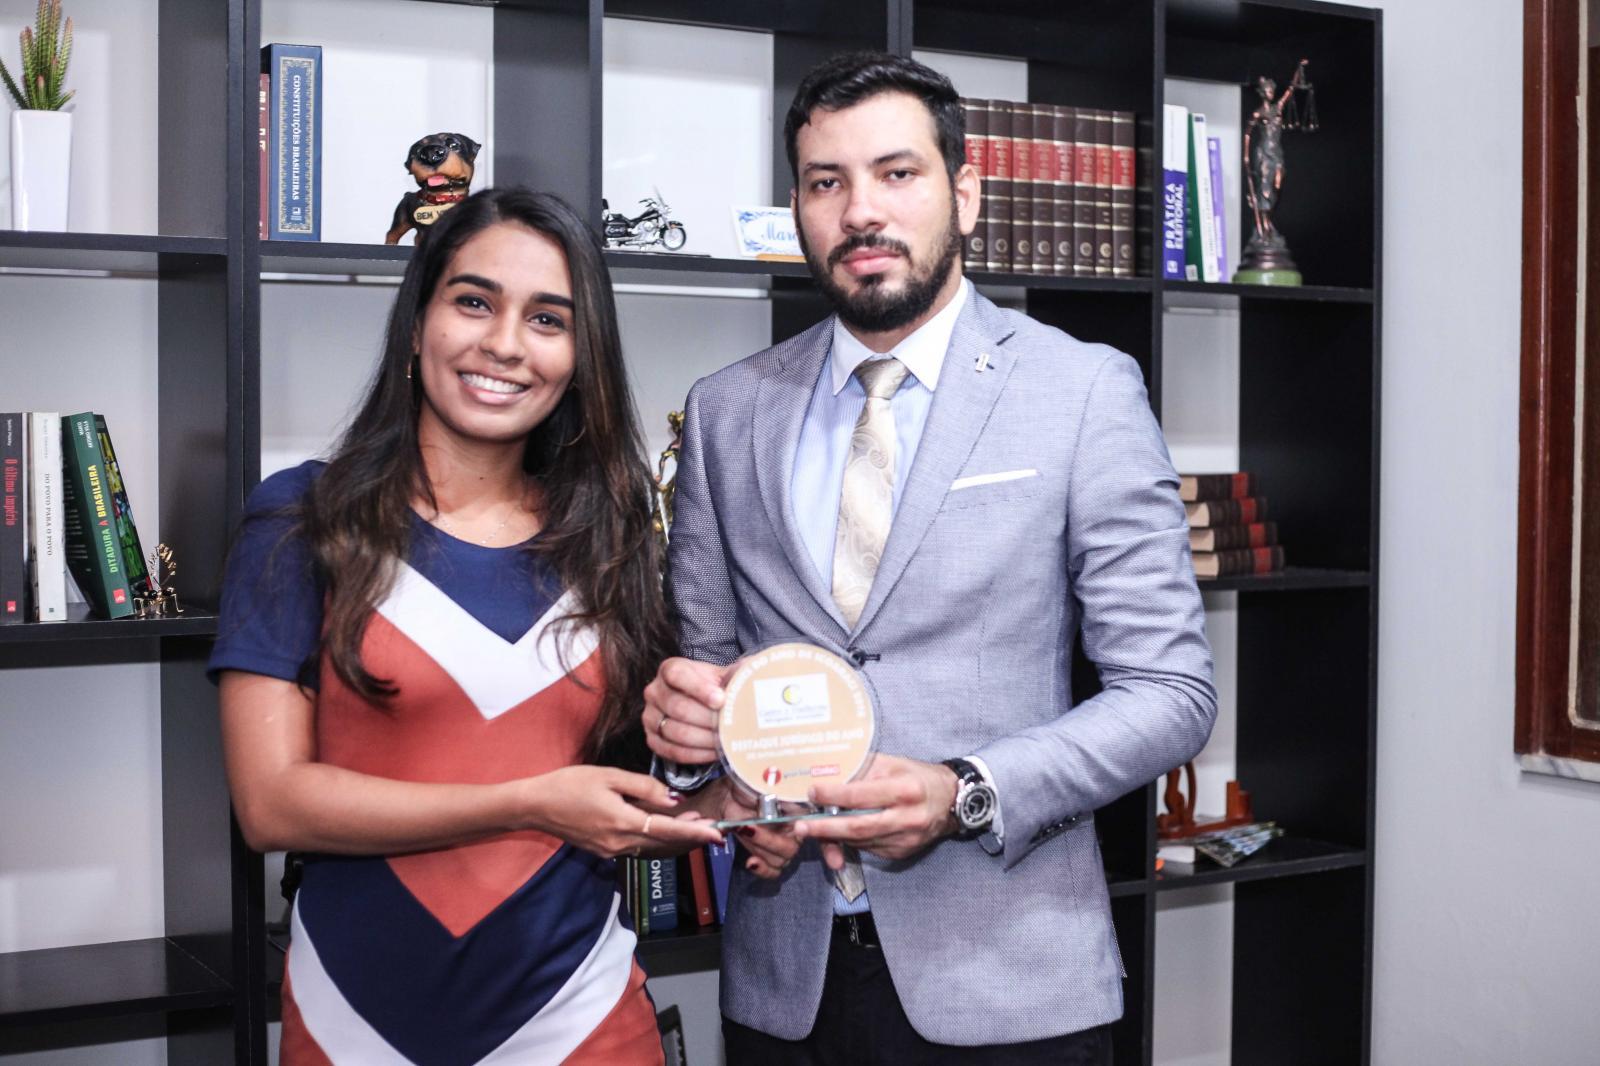 Drs. Marcelo e Rayssa e Marcelo Castro Guilherme - Jurídicos do Ano de Icoaraci